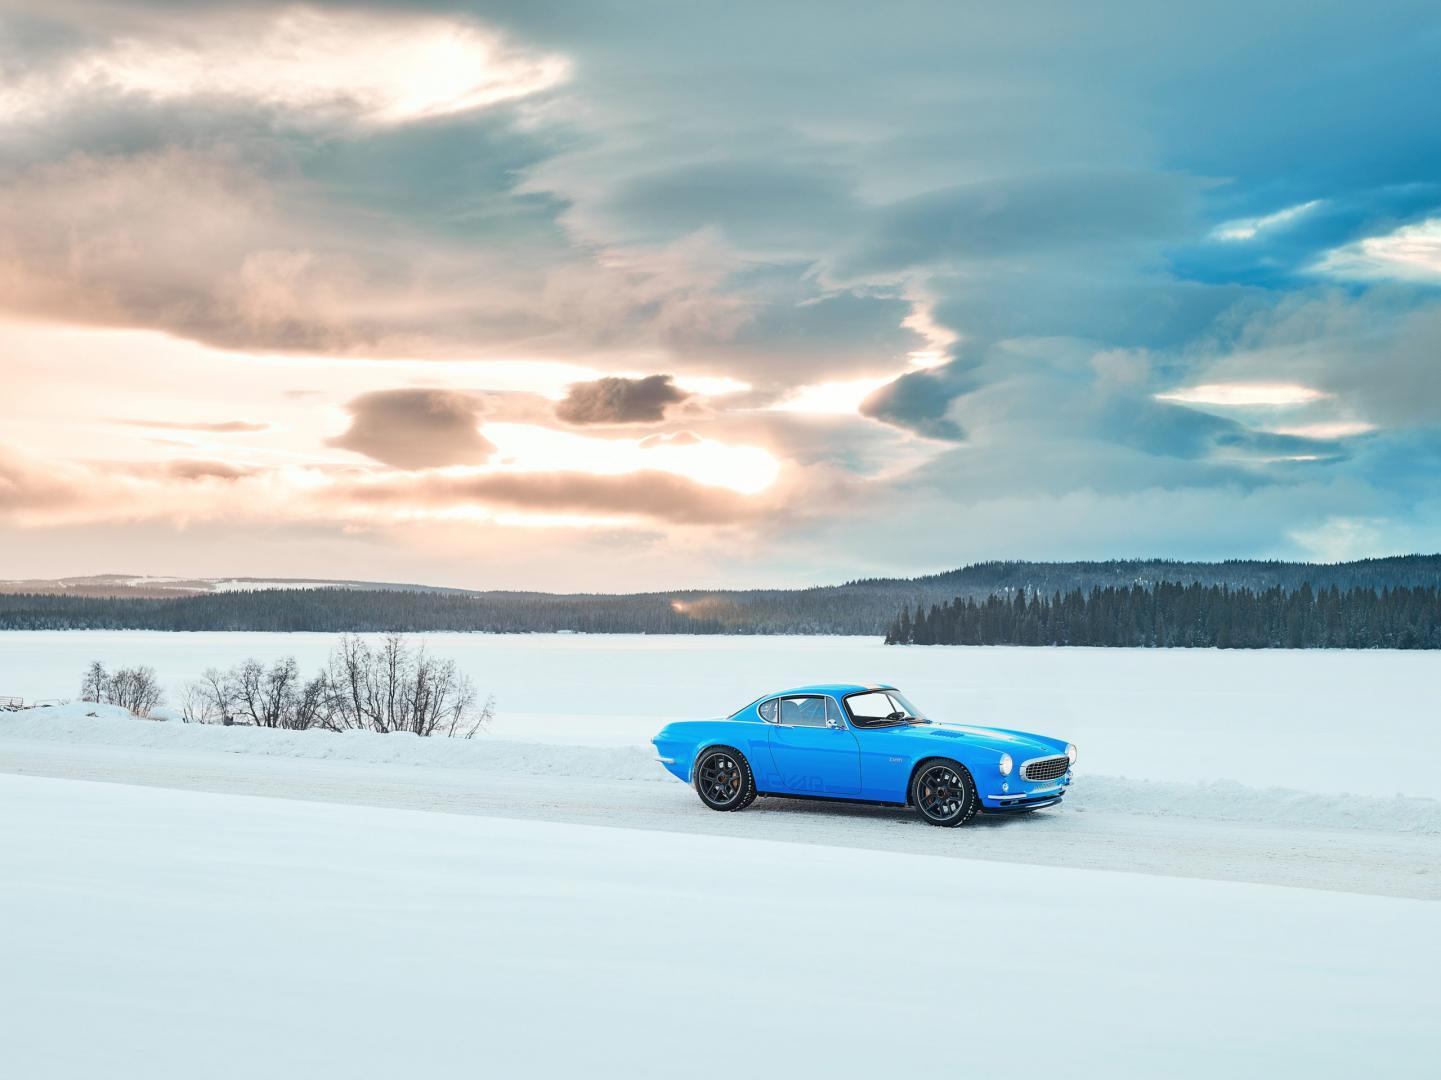 Volvo P1800 Cyan bij zonsondergang in de sneeuw